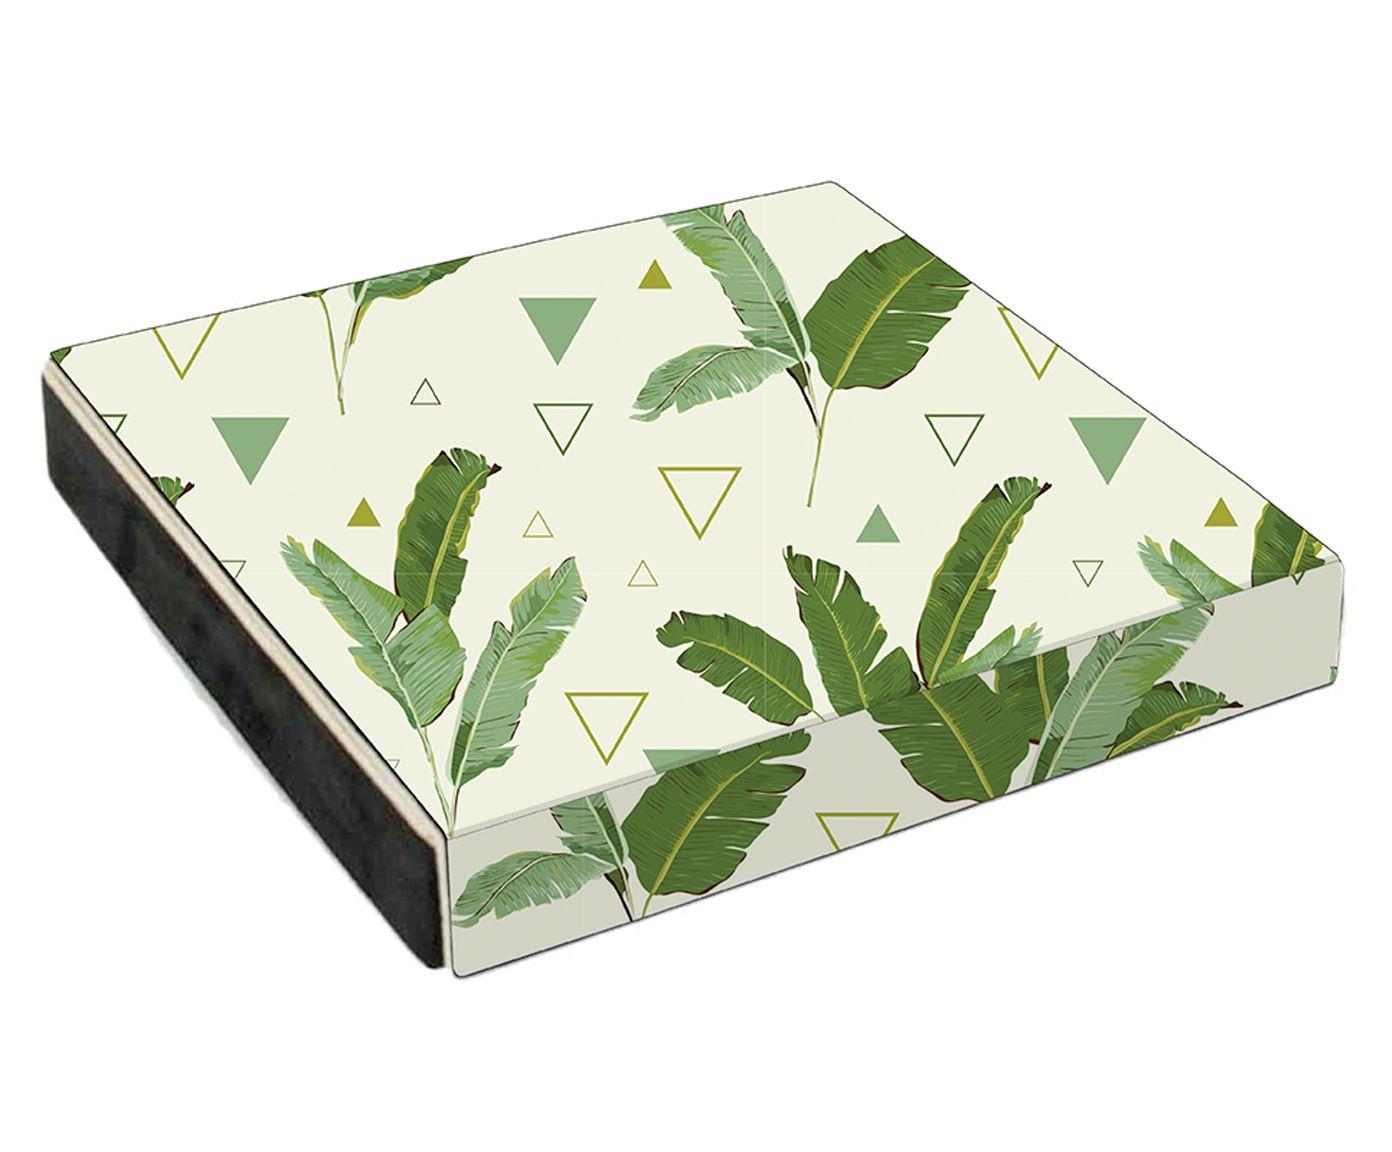 Estojo Organizador para Óculos Triangulos e Folhas Verde - 35X5X32cm | Westwing.com.br